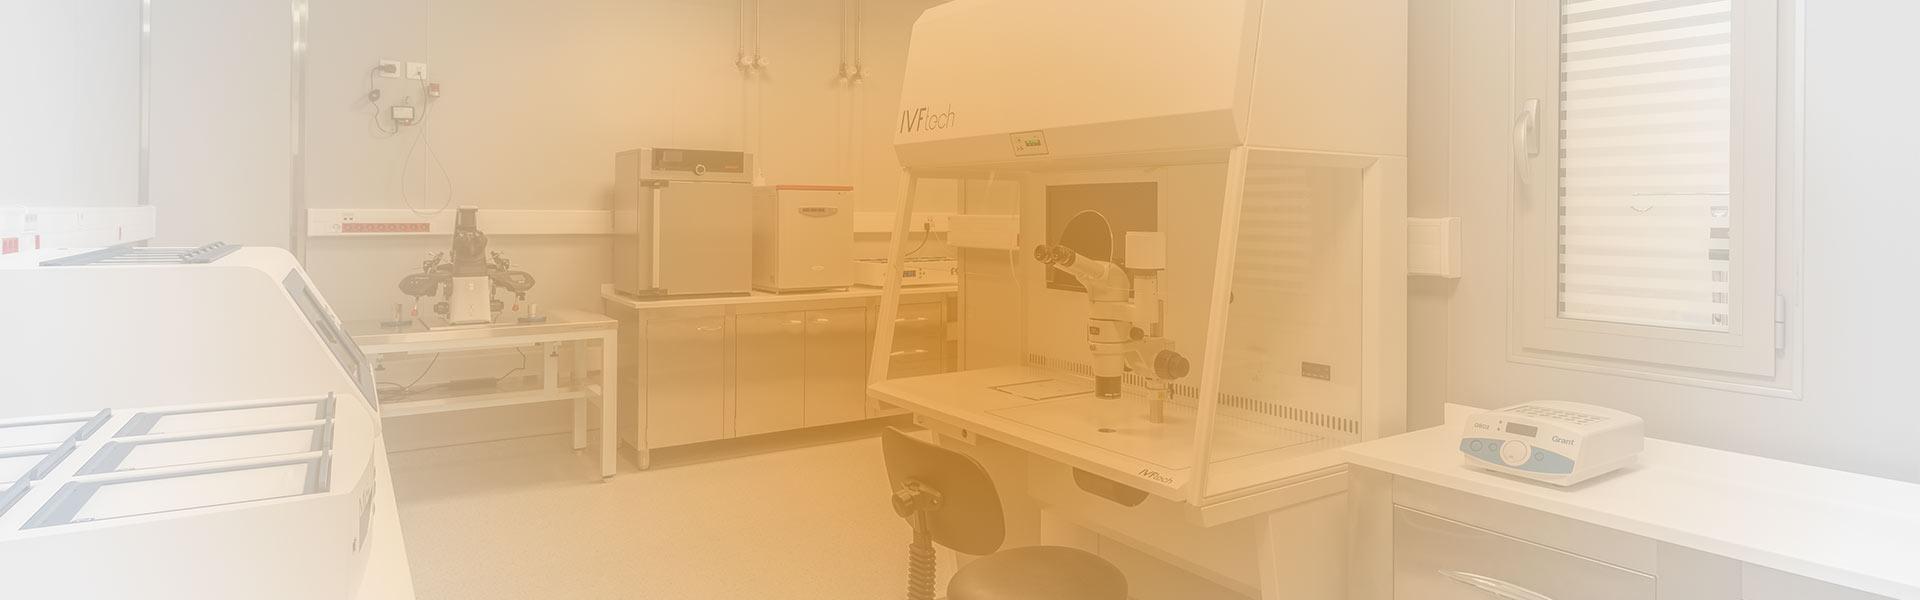 Τεχνολογία αιχμής Κλινική Γονιμότηας Fertilia